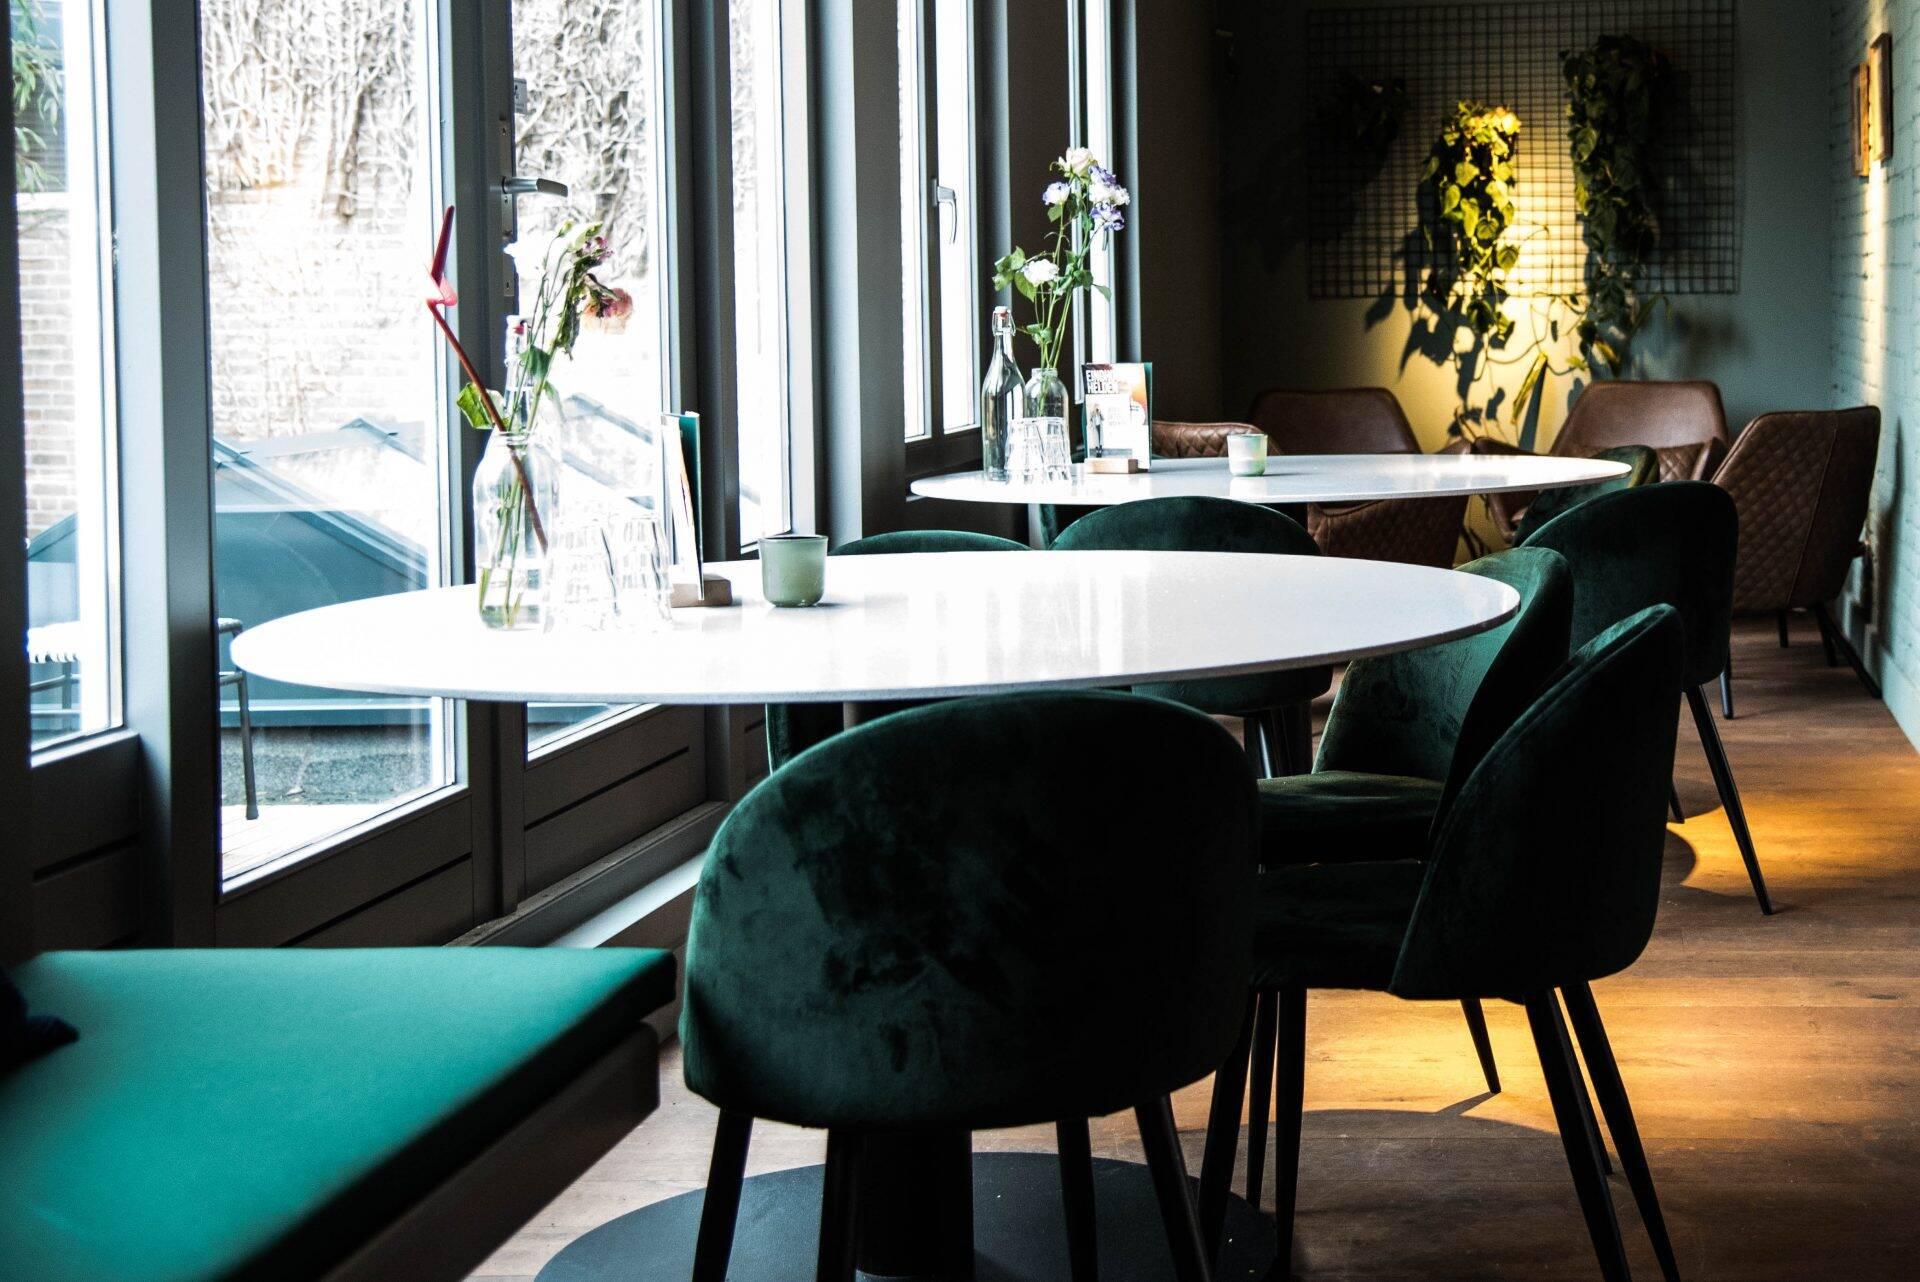 Anne & Max Eindhoven in Eindhoven